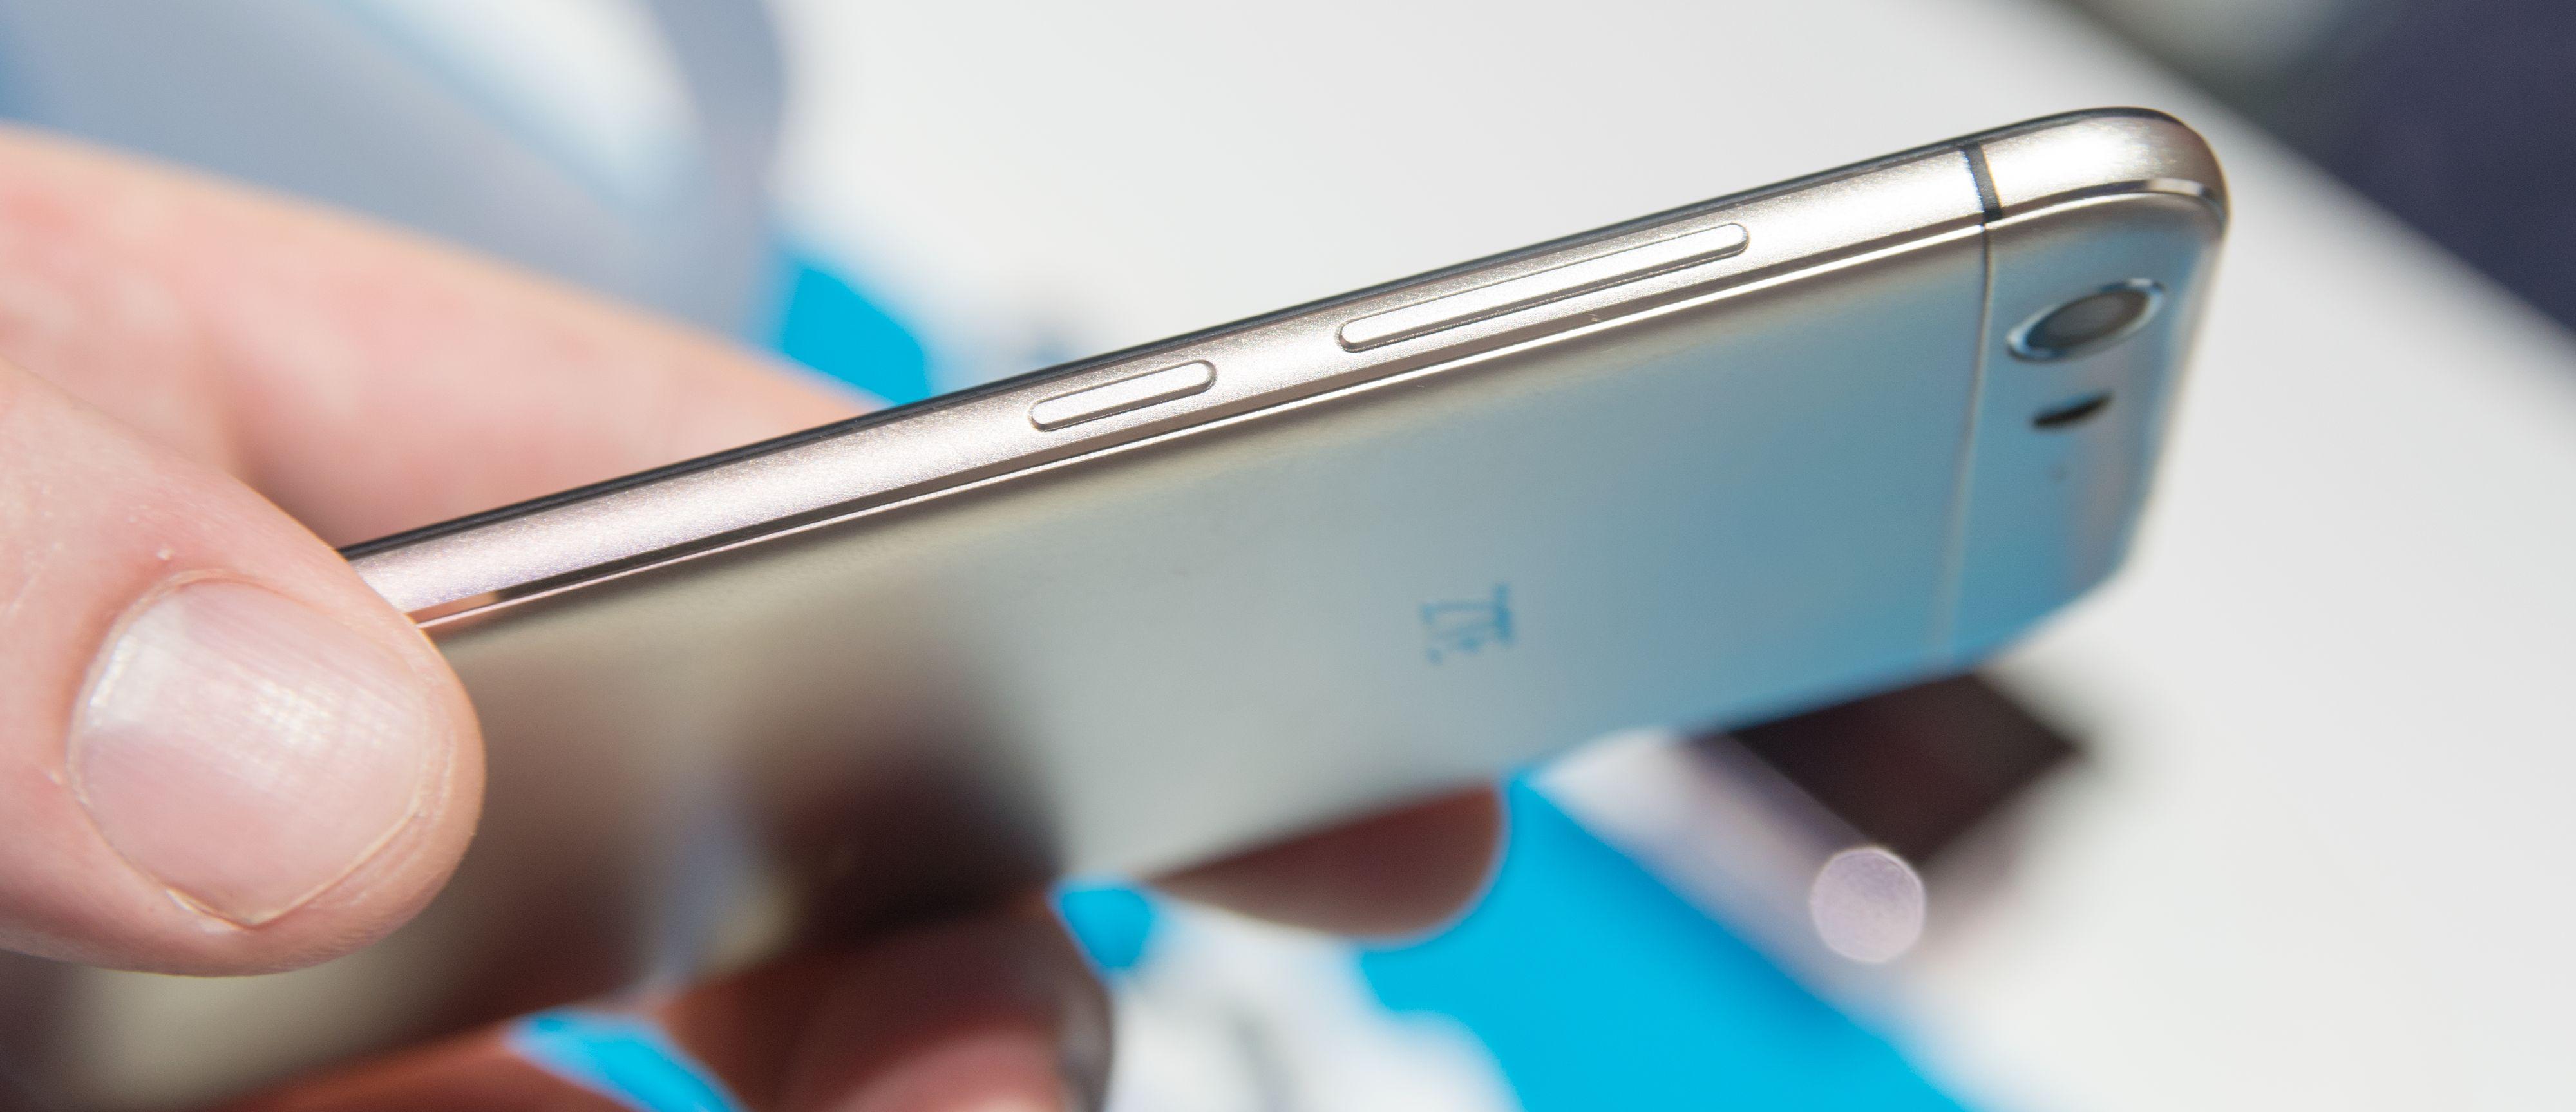 Blade V6 er en syltynn og lett telefon bygget i aluminium. Du kan sette i to SIM-kort, eller bruke den ene plassen til minnekort. Foto: Finn Jarle Kvalheim, Tek.no